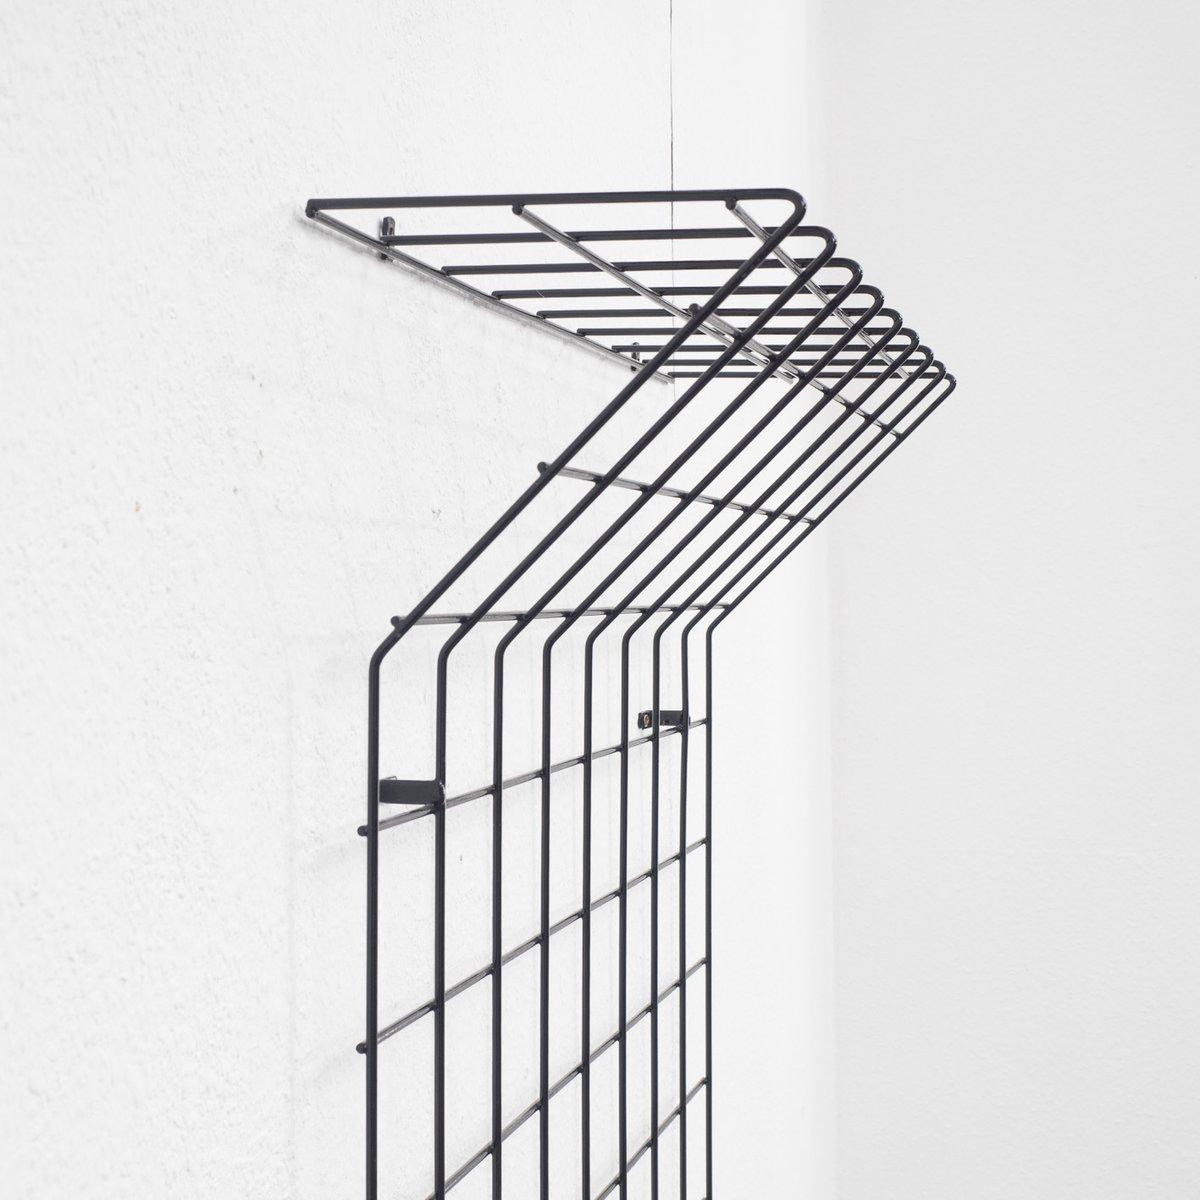 garderobe mit hutablage aus metalldraht 1960er bei pamono. Black Bedroom Furniture Sets. Home Design Ideas